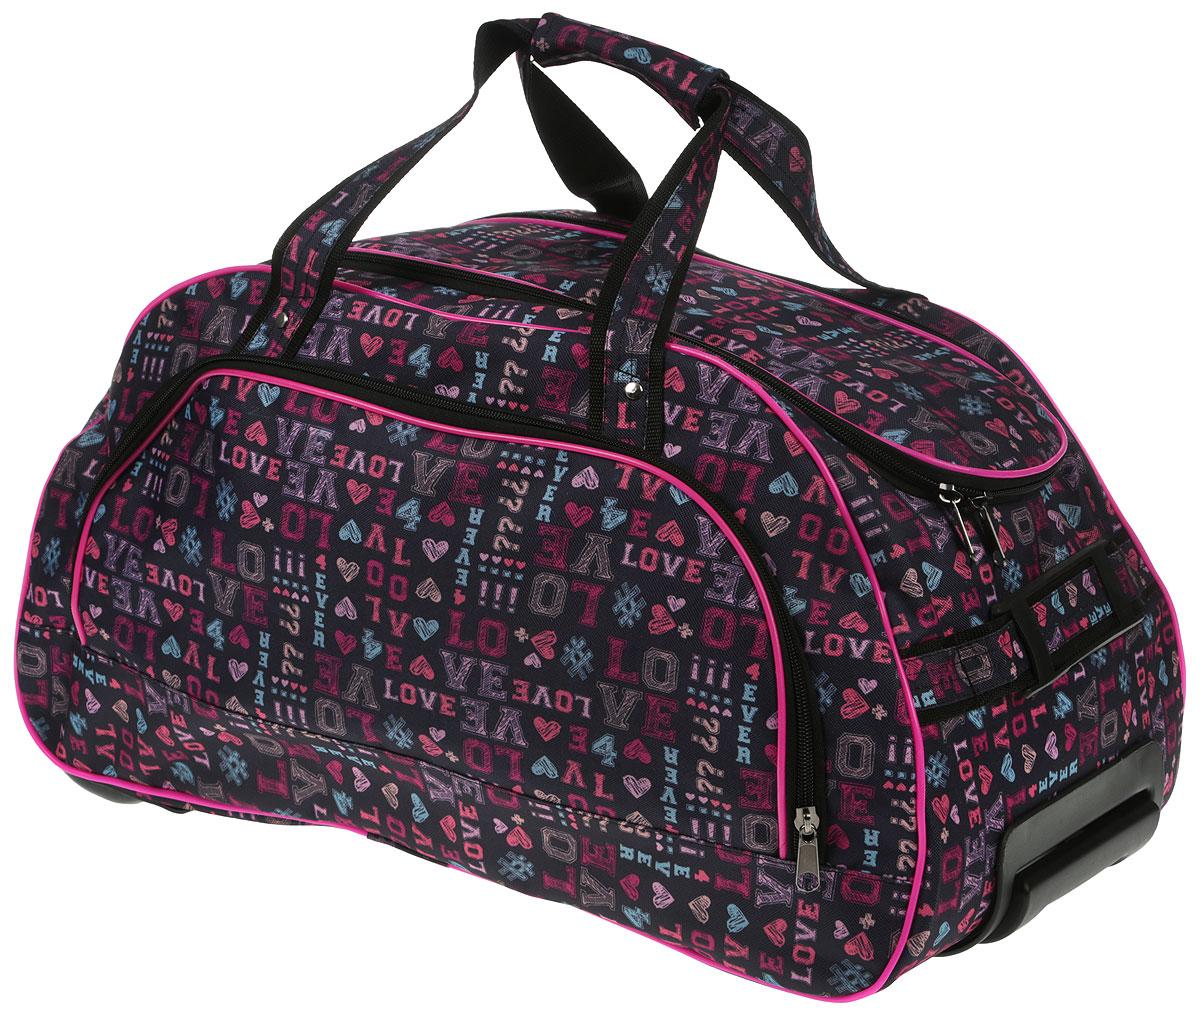 Сумка дорожная AMeN Love, с выдвижной ручкой, на колесах, 57 х 32 х 31 см1331008_розовыйСтильная дорожная сумка AMeN Love прекрасно подойдетдля путешествий так и для деловых поездок. Сумкавыполнена из текстиля.Изделие имеет одно основное отделение, закрывающееся назастежку-молнию. Снаружи, на боковой стенке расположеннакладной карман на застежке-молнии. Модель оснащенадвумя удобными ручками для переноски в руках. Для болееудобной транспортировки основание изделия оснащеноудобной выдвижной ручкой и двумя колесиками. Основание -жесткое, дополнено пластиковыми ножками.Такая дорожная сумка сможет вместить в себя все самоенеобходимое для путешествия.Длина выдвижной ручки: 39 см.